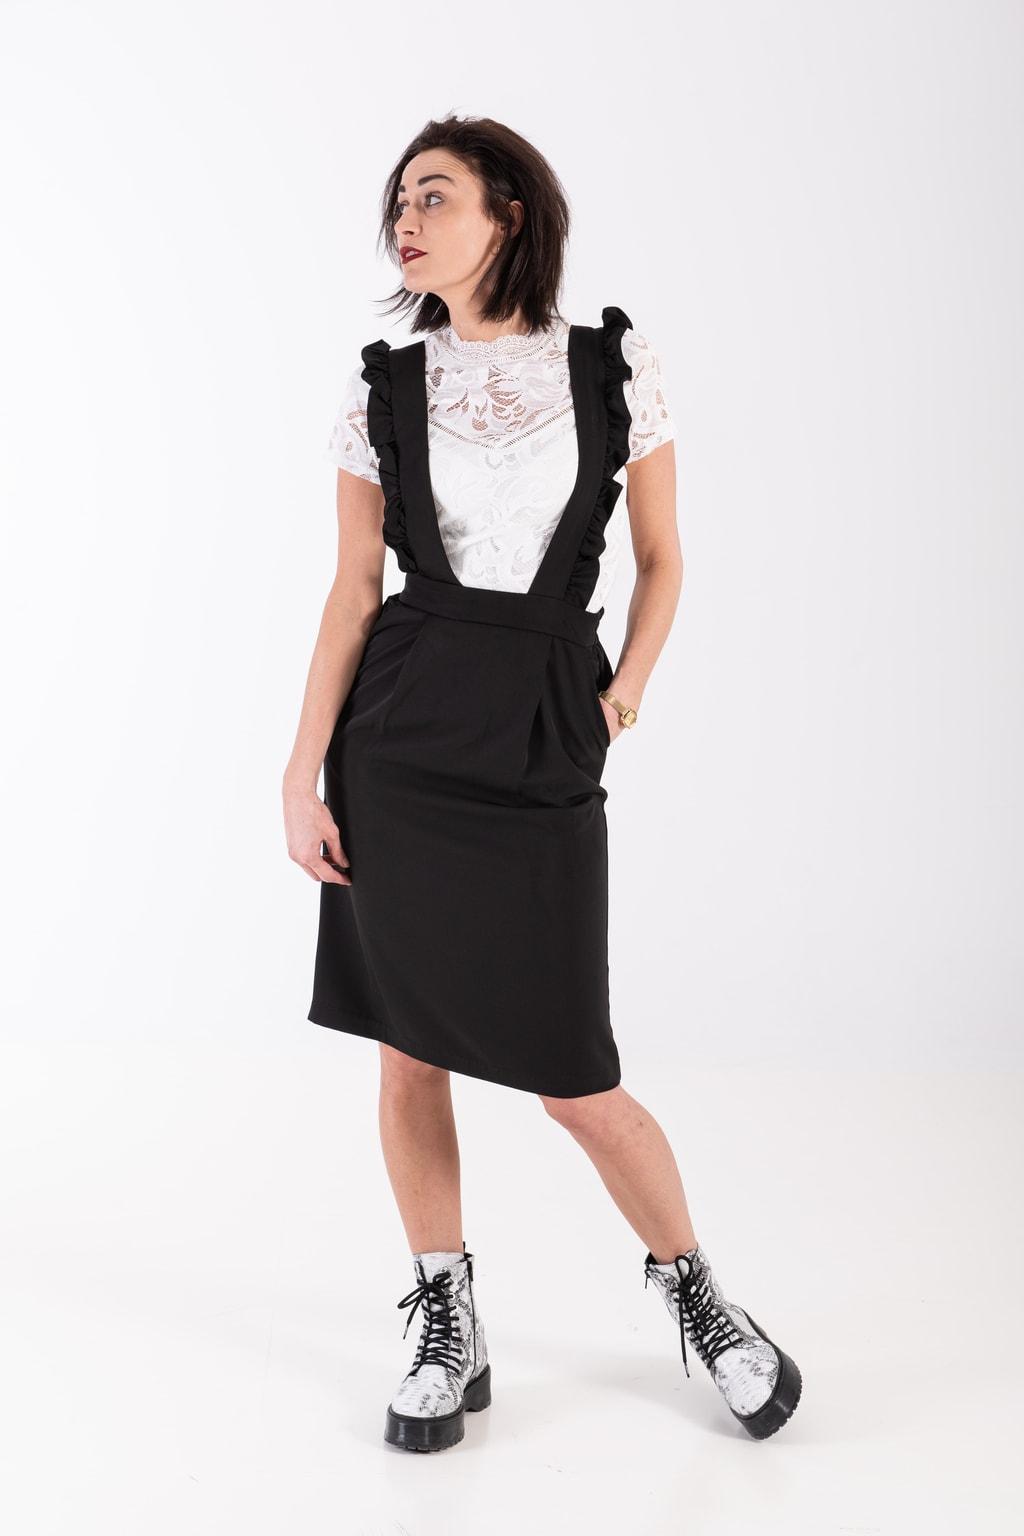 Kelly's zwarte jurk